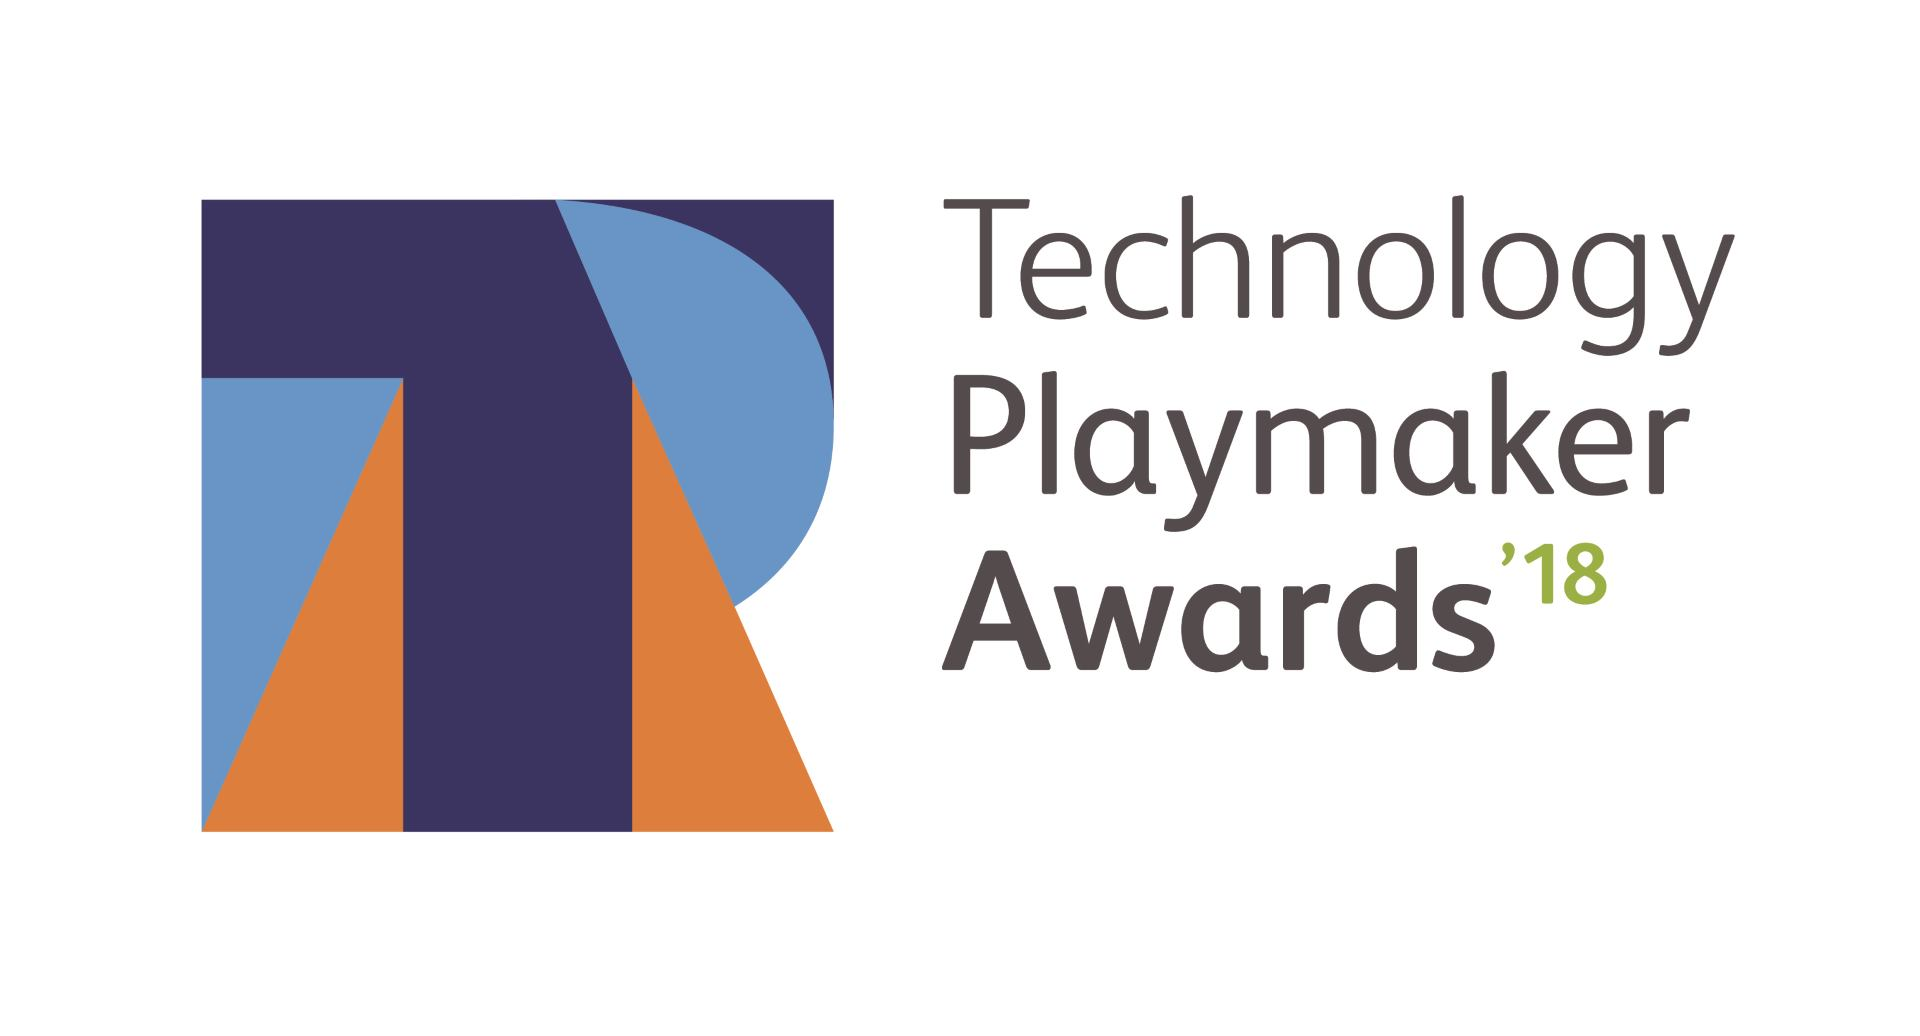 BOOKING.COM Technology Playmaker Award – za uspješne žene u svijetu tehnologije